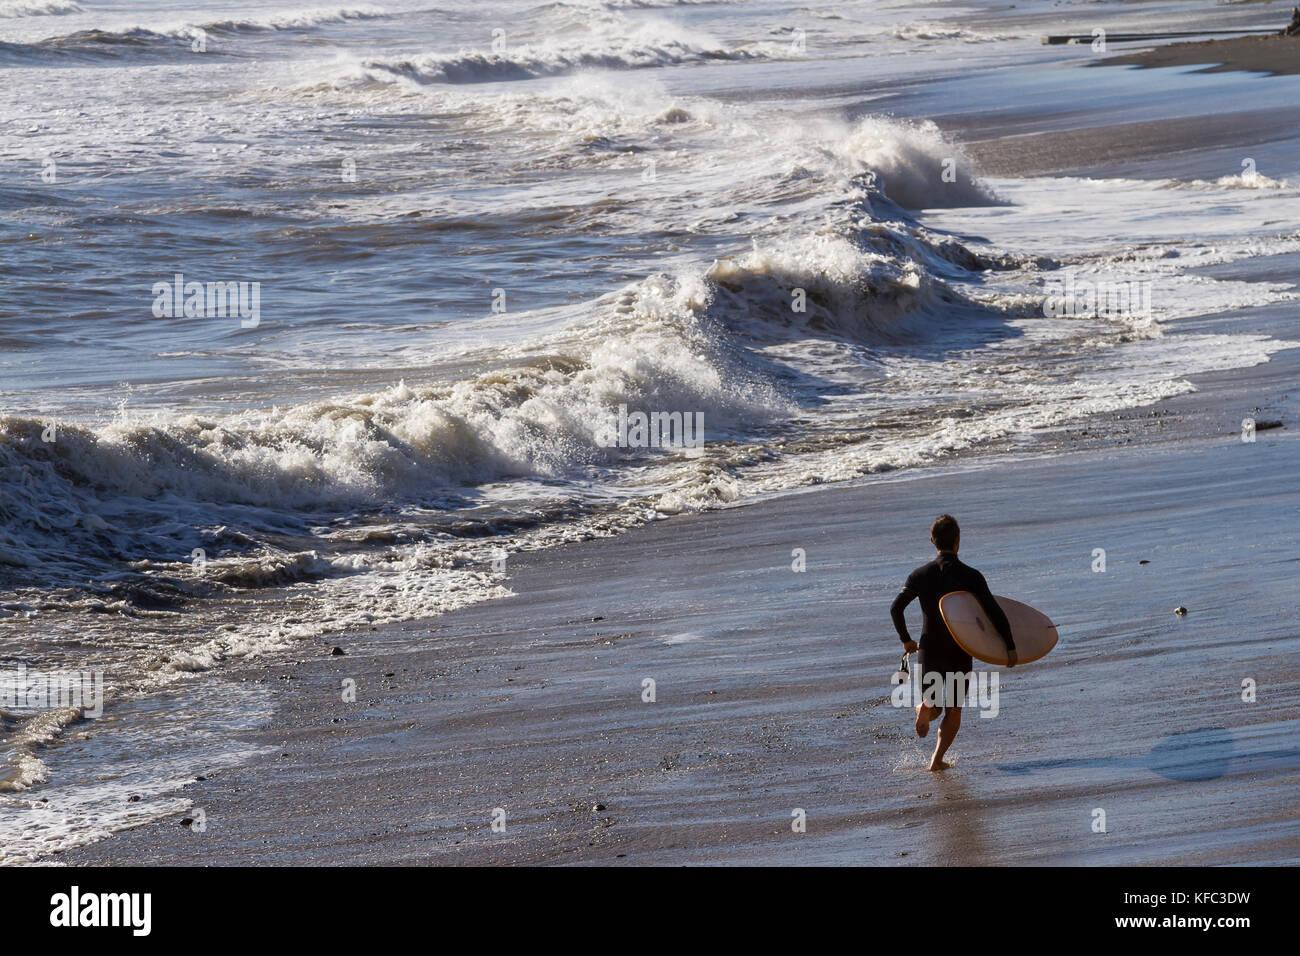 A surfer runs along the beach in Enoshima, Kanagawa, Japan. Monday October 23rd 2017 - Stock Image